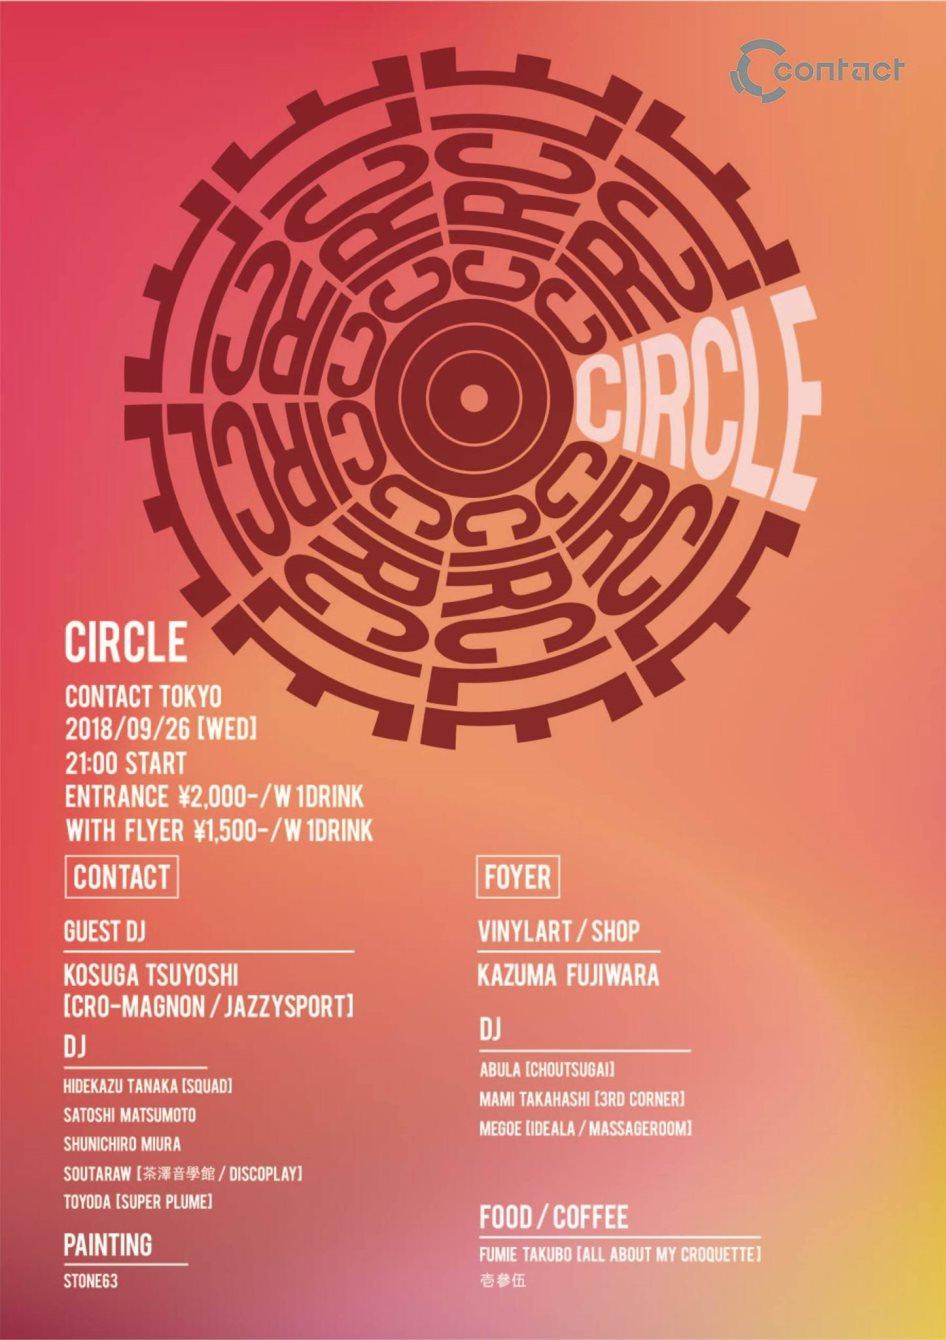 ra circle at contact tokyo